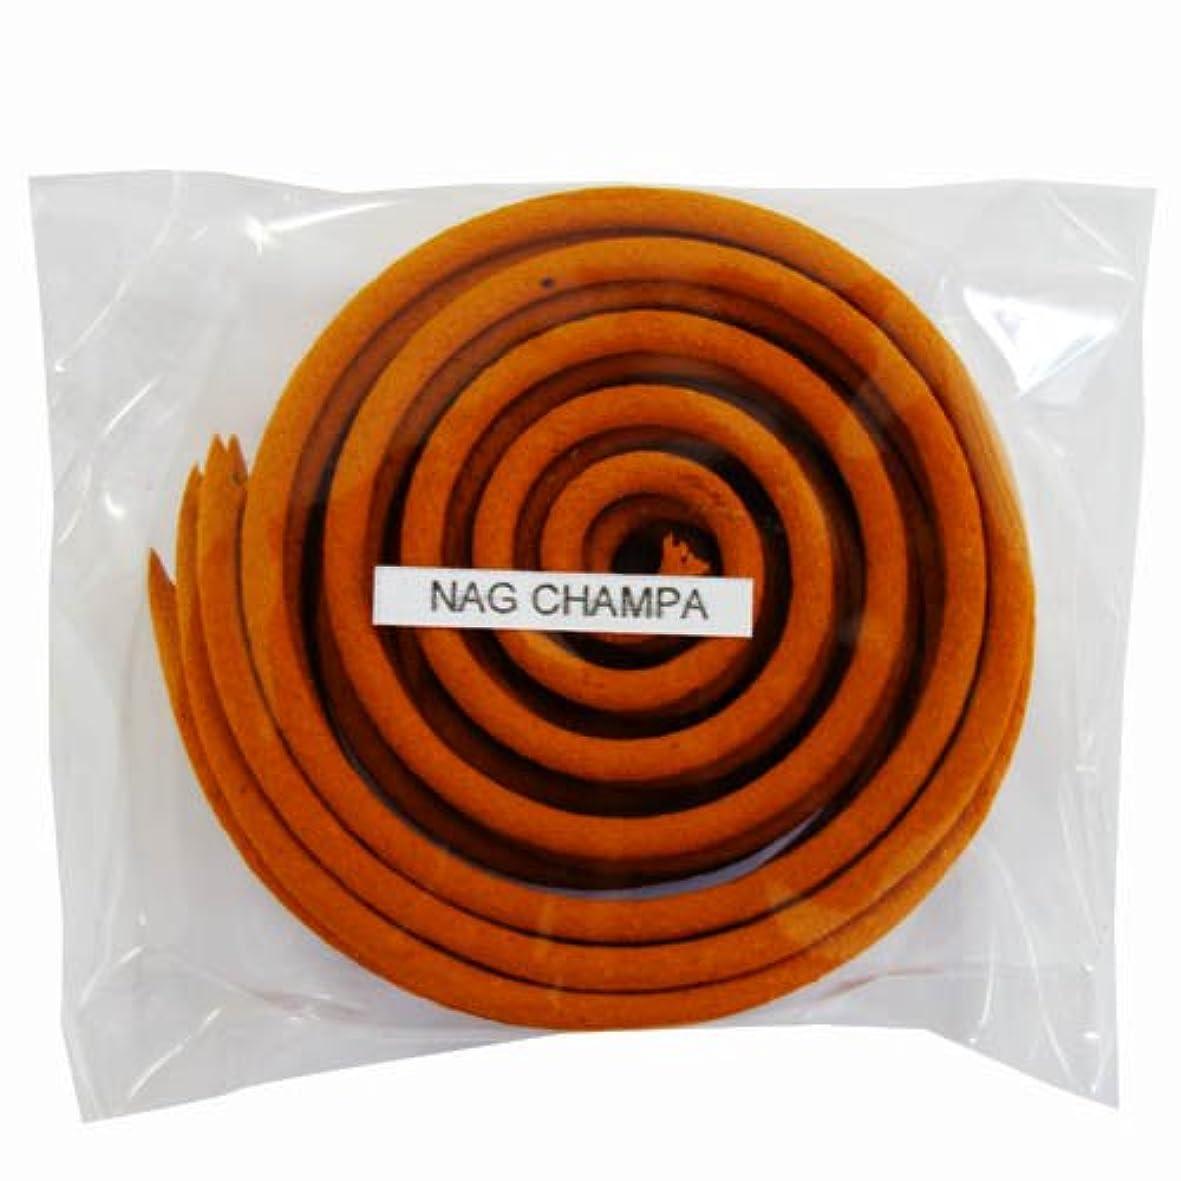 修復瞑想する十二お香/うずまき香 NAG CHAMPA ナグチャンパ 直径6.5cm×5巻セット [並行輸入品]